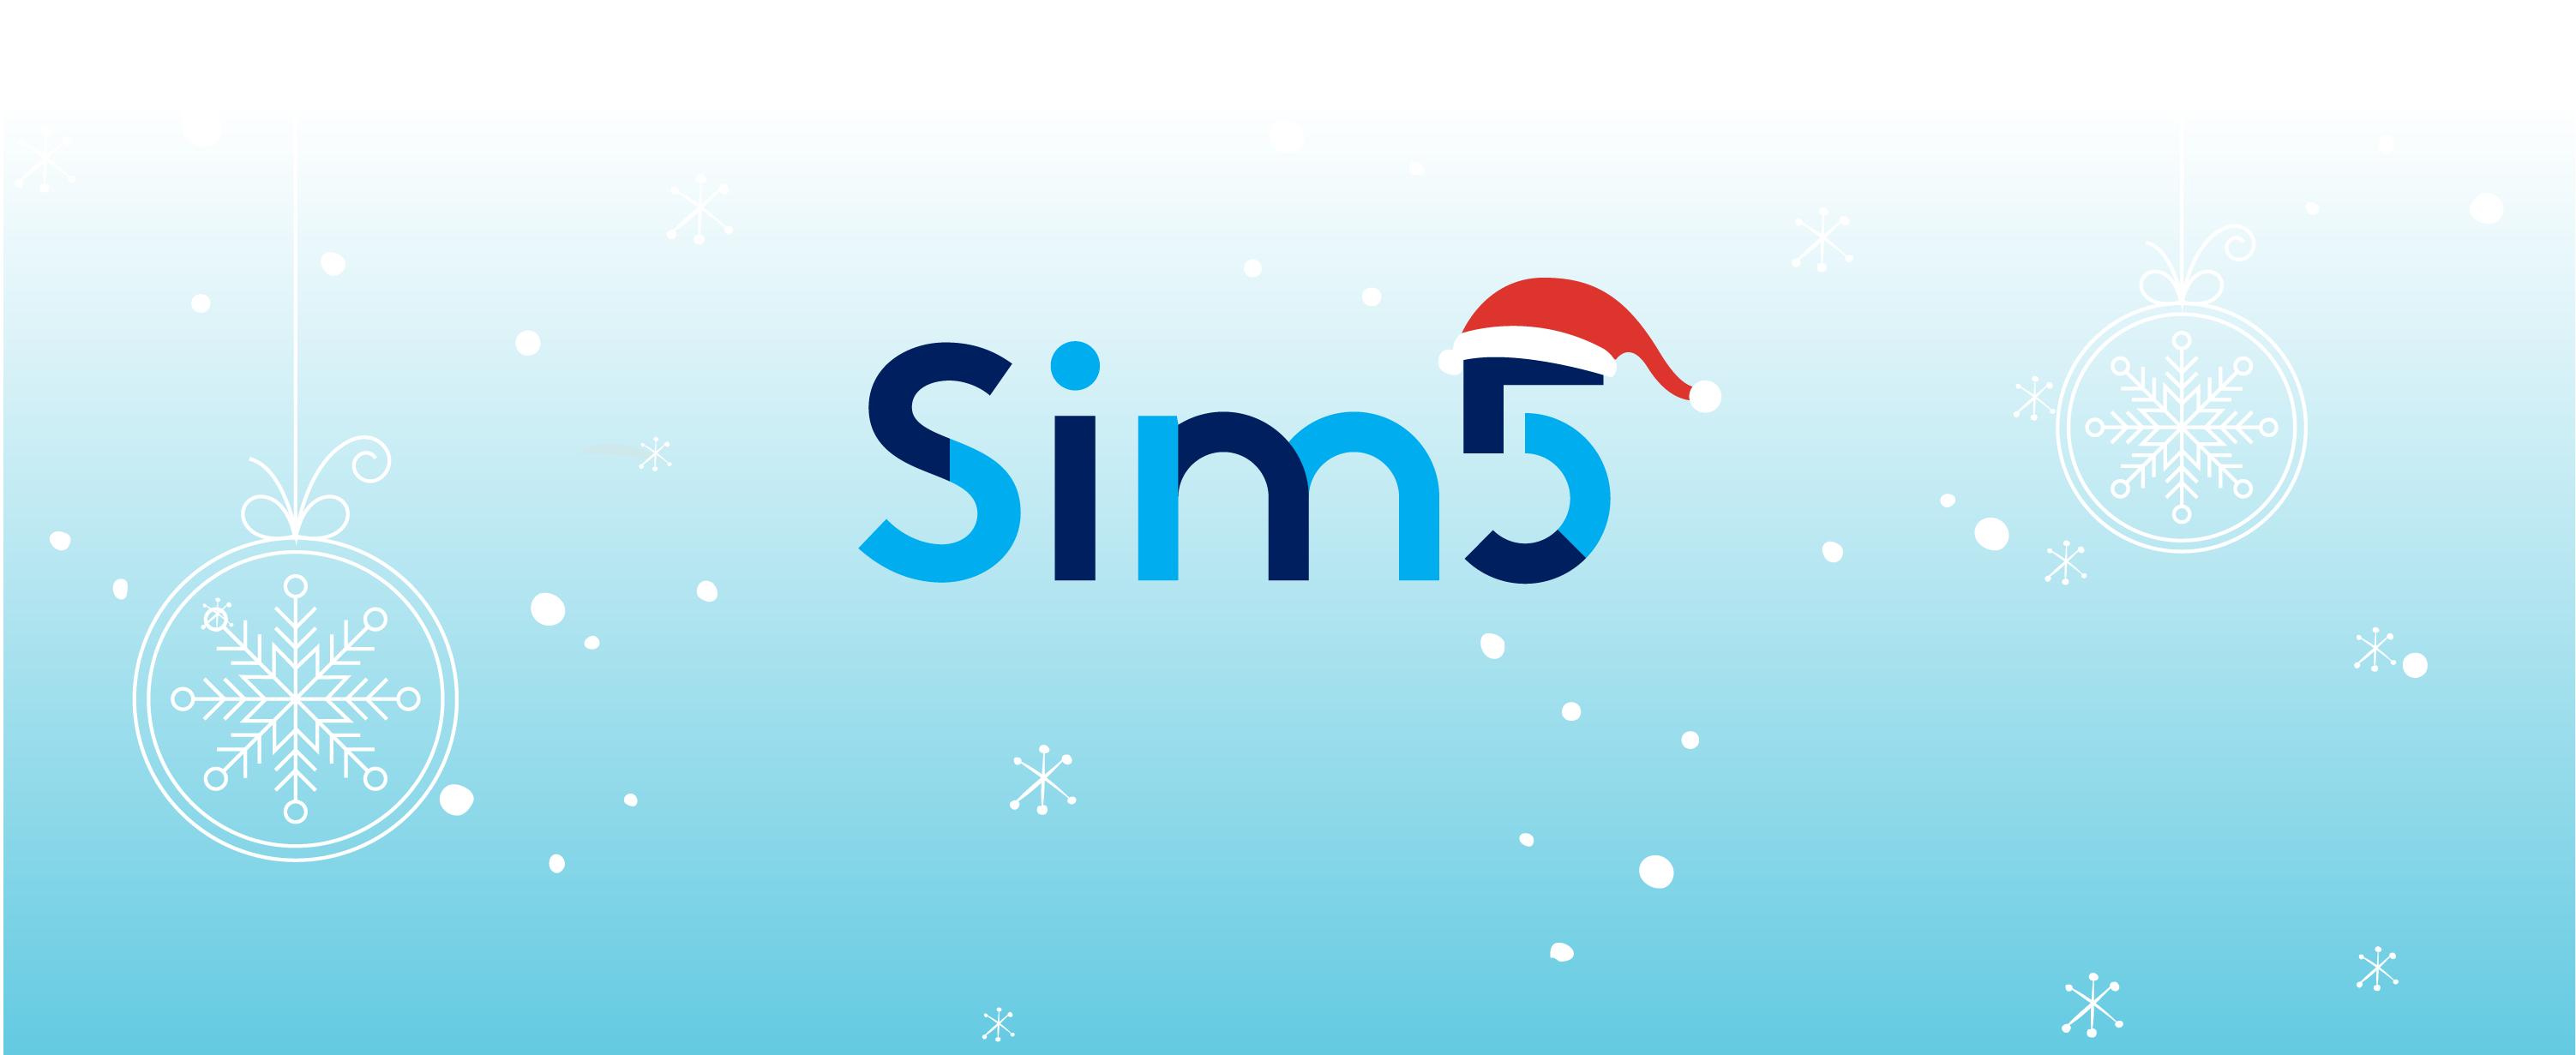 Noel Sim5